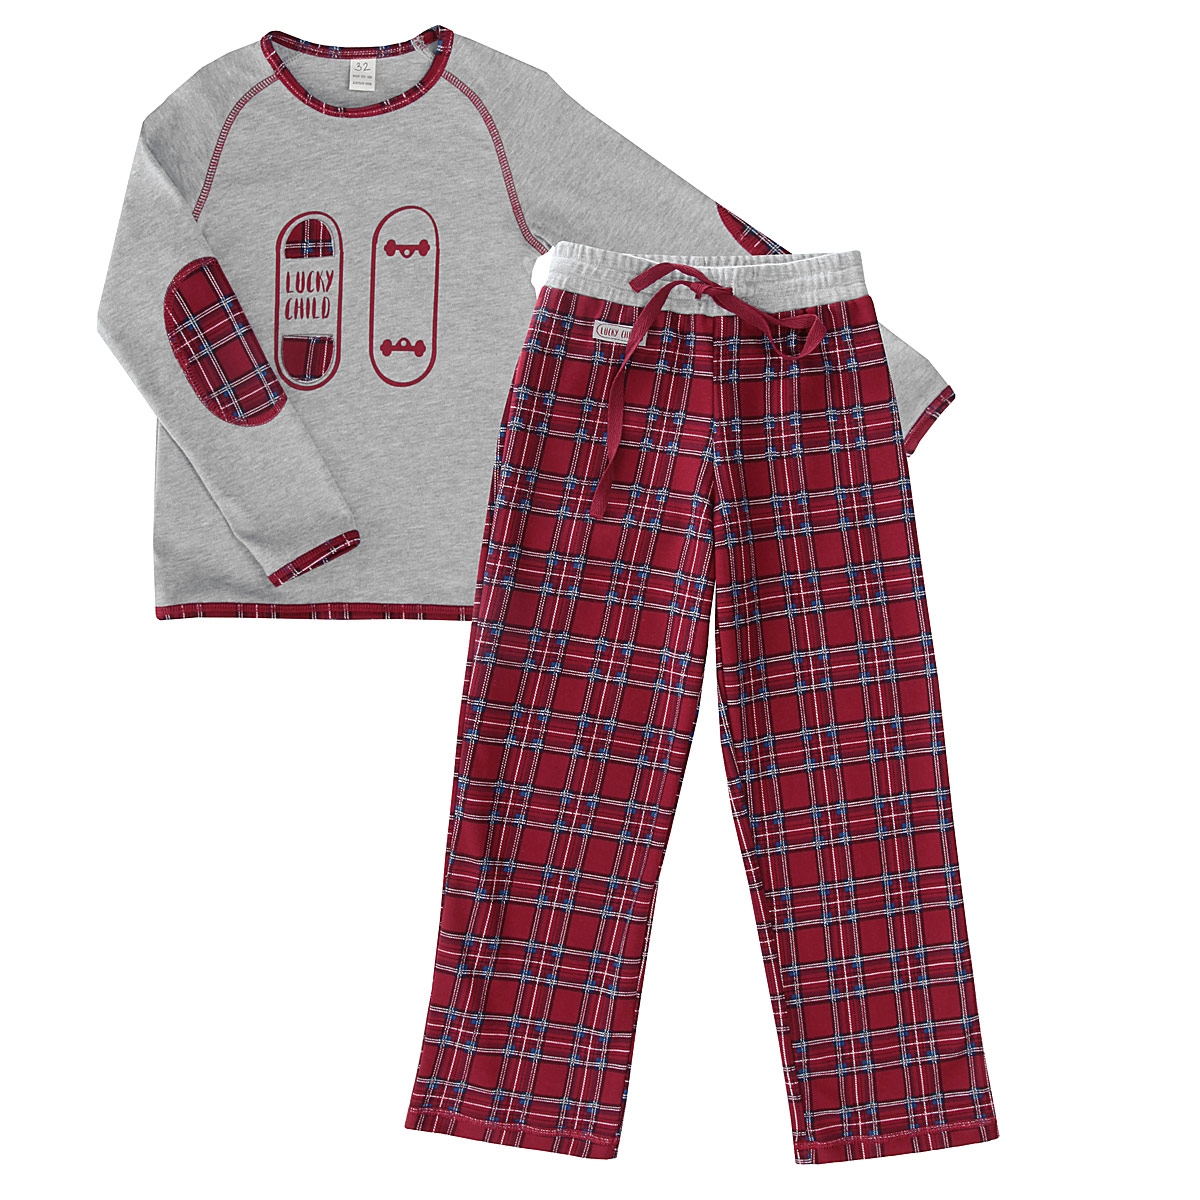 Пижама для мальчика Lucky Child, цвет: серый, бордовый. 13-400. Размер 30. Рост 116/12213-400Очаровательная пижама для мальчика Lucky Child, состоящая из джемпера и брюк, идеально подойдет вашему ребенку и станет отличным дополнением к детскому гардеробу. Изготовленная из натурального хлопка, она необычайно мягкая и приятная на ощупь, не раздражает нежную кожу ребенка и хорошо вентилируется, а эластичные швы приятны телу и не препятствуют движениям. Джемпер с длинными рукавами-реглан и круглым вырезом горловины оформлена принтом и аппликацией в виде скейтборда, а также контрастной строчкой. Вырез горловины, края рукавов и низ изделия дополнены трикотажной бейкой контрастного цвета. Рукава оформлены декоративными заплатами с принтом в клетку. Брюки на талии имеют широкую эластичную резинку, регулируемую шнурком, благодаря чему, они не сдавливают живот и не сползают. Оформлено изделие принтом в клетку и декорировано небольшой нашивкой с называнием бренда. Такая пижама идеально подойдет вашему ребенку, а мягкие полотна позволят ему комфортно чувствовать себя во время сна!